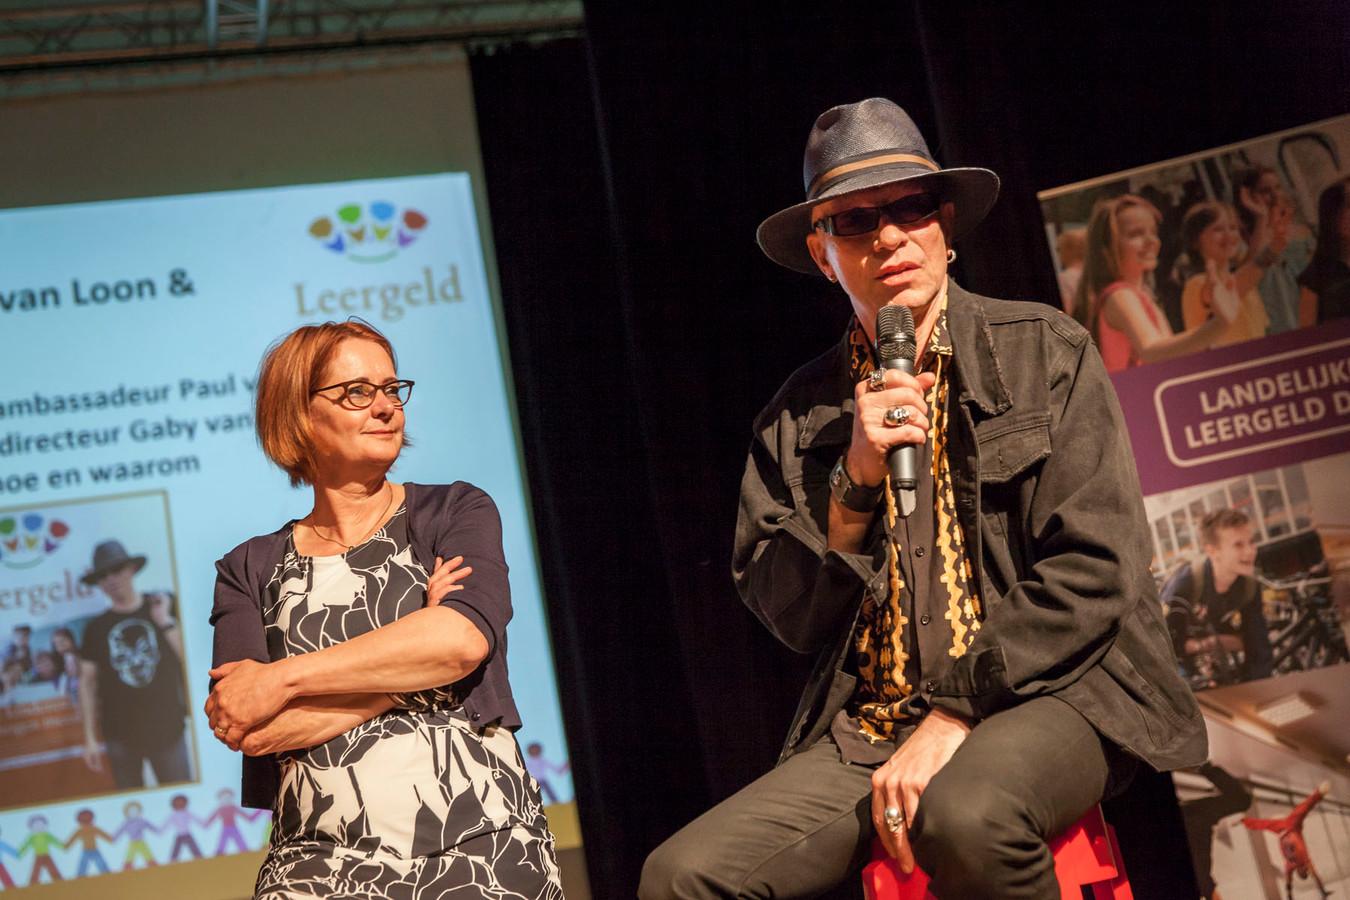 Tijdens de Landelijke Leergeld Dag in Den Bosch, kondigen Leergeld Nederland en kinderboekenschrijver Paul van Loon hun samenwerking aan voor een schoolmusicalproject.